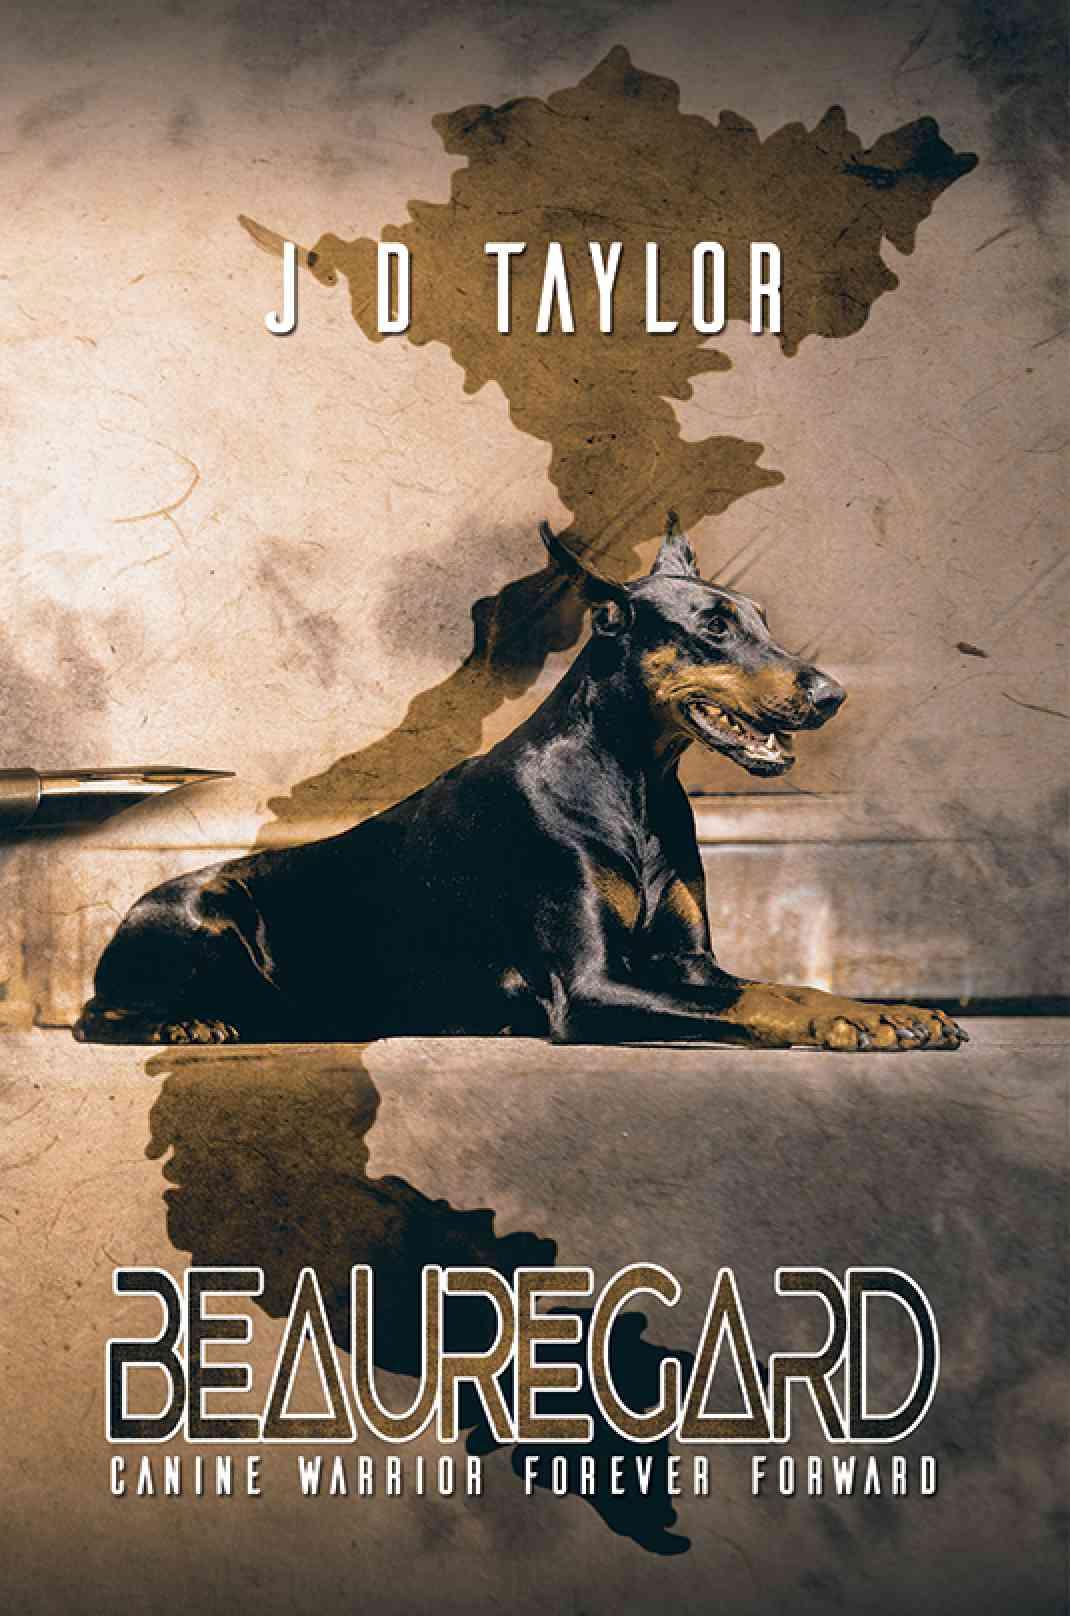 Beauregard: Canine Warrior